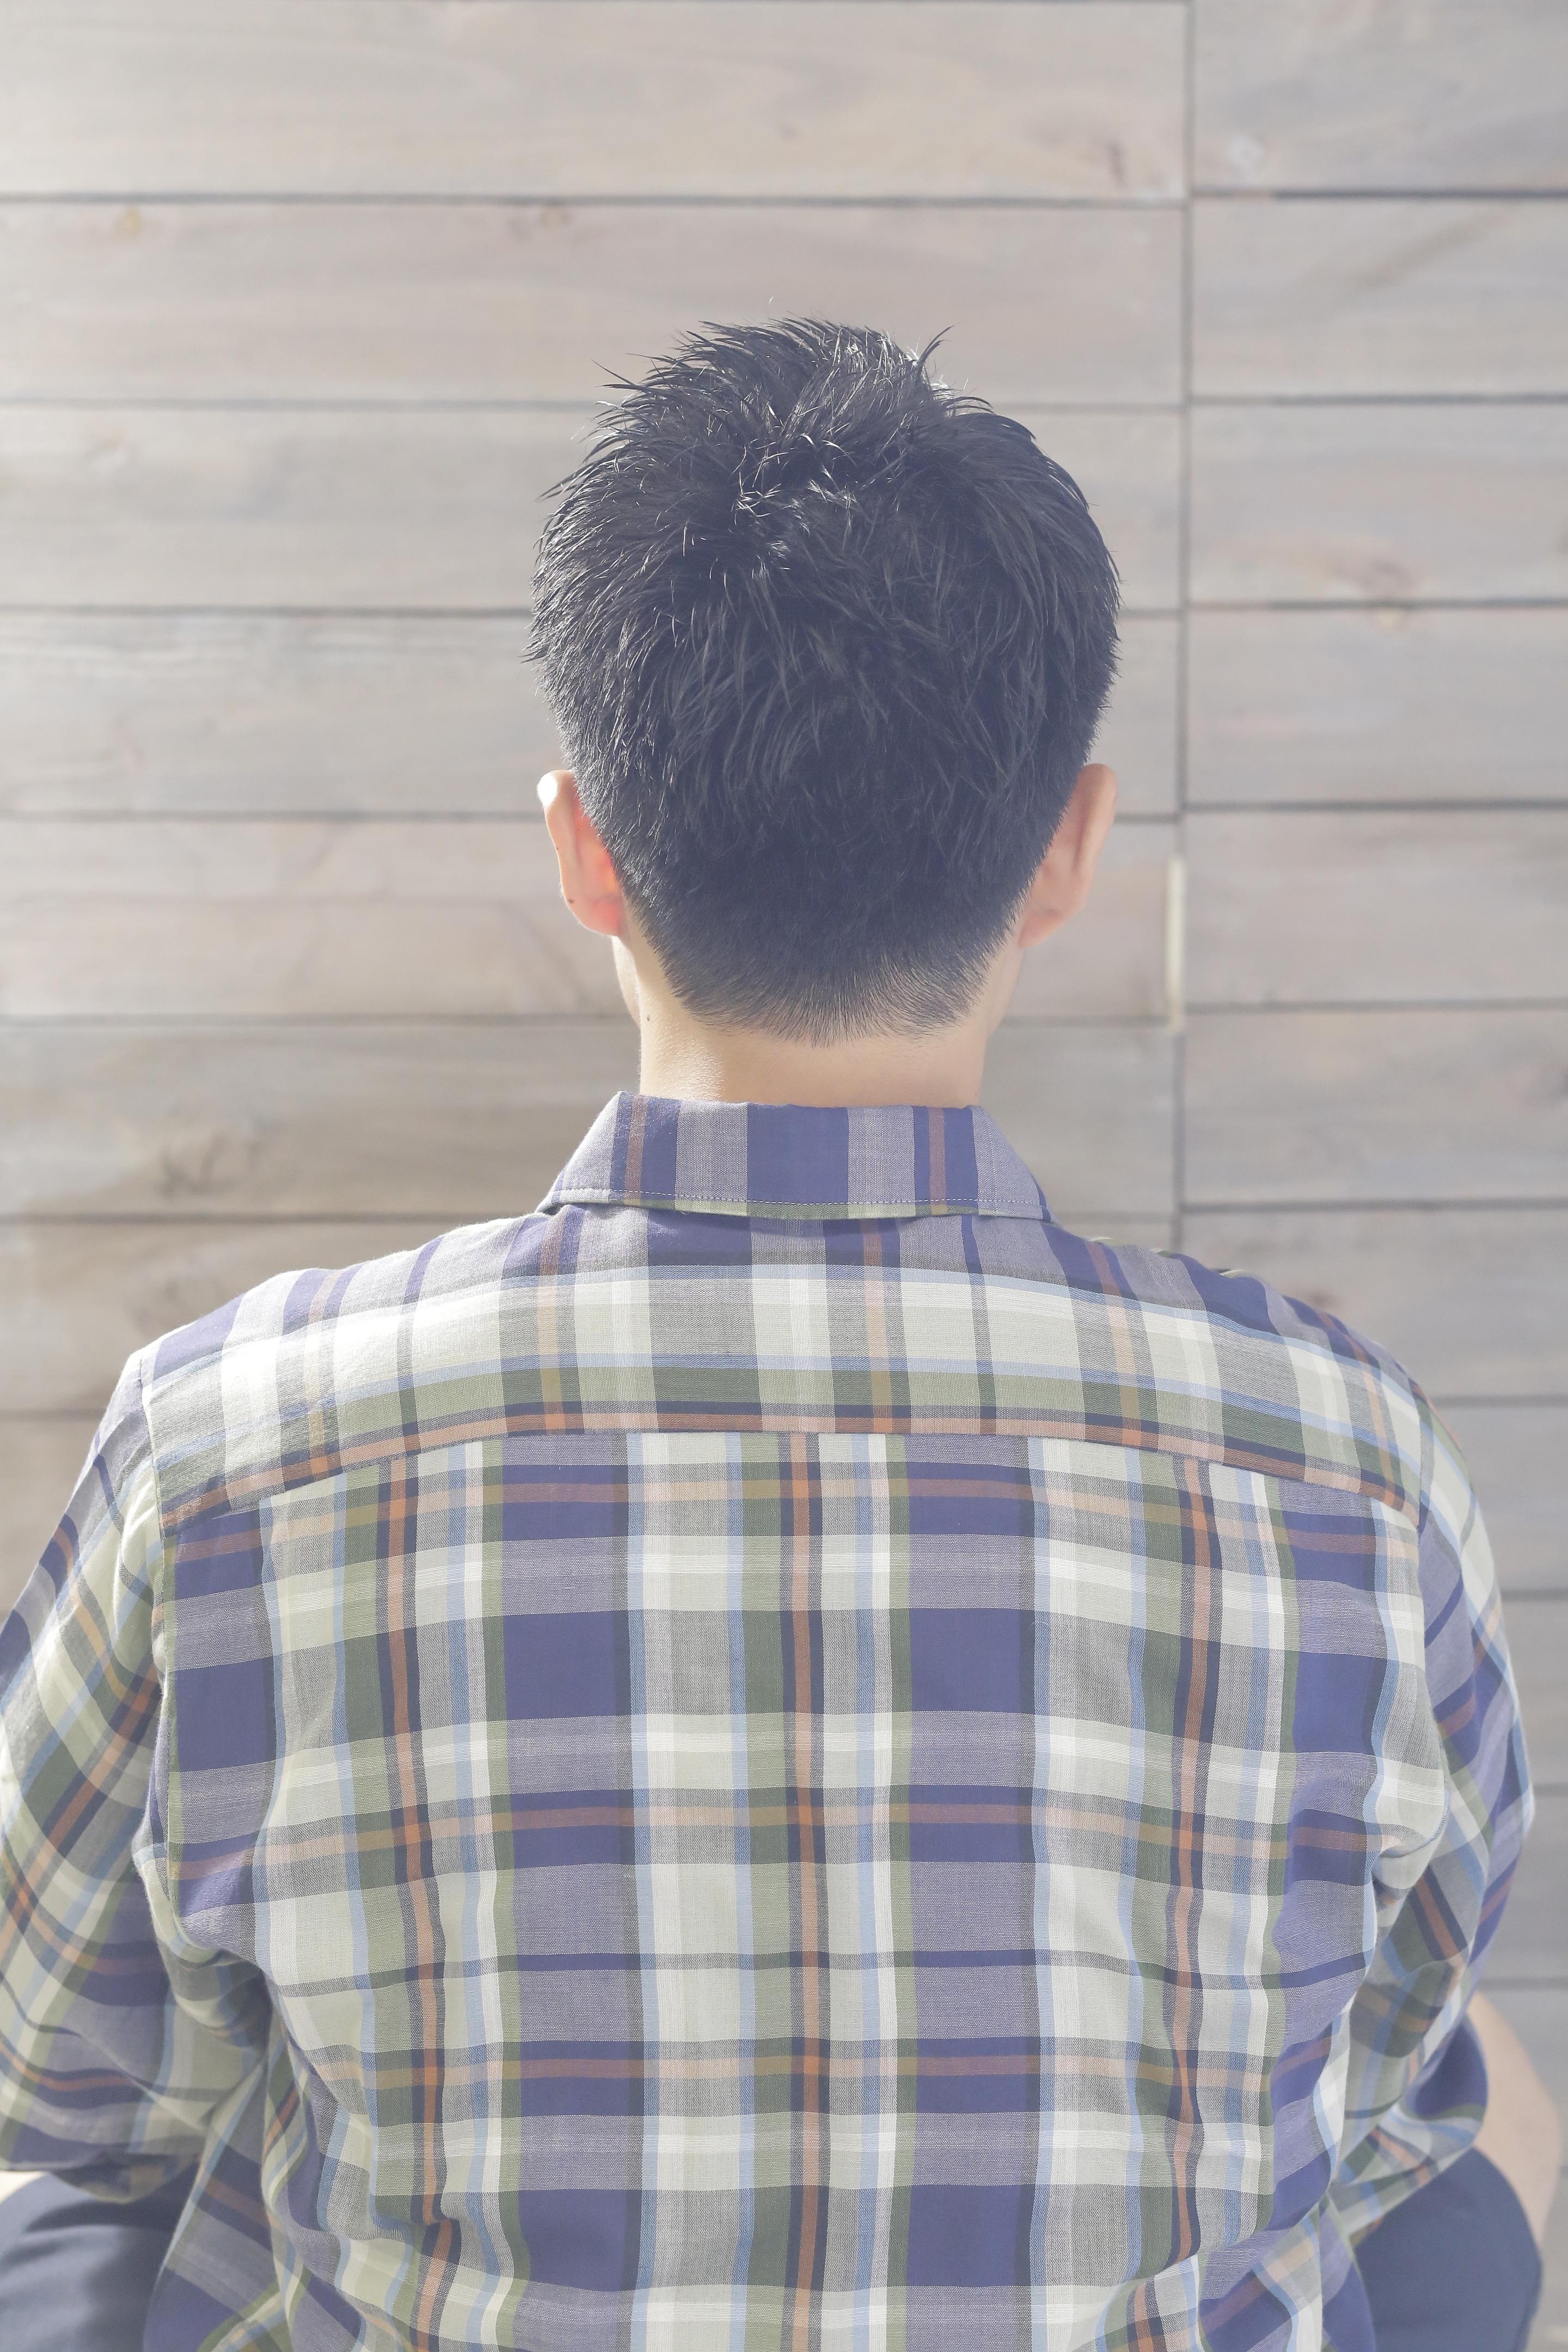 www.savian.jp/asset/_MG_2647.JPG